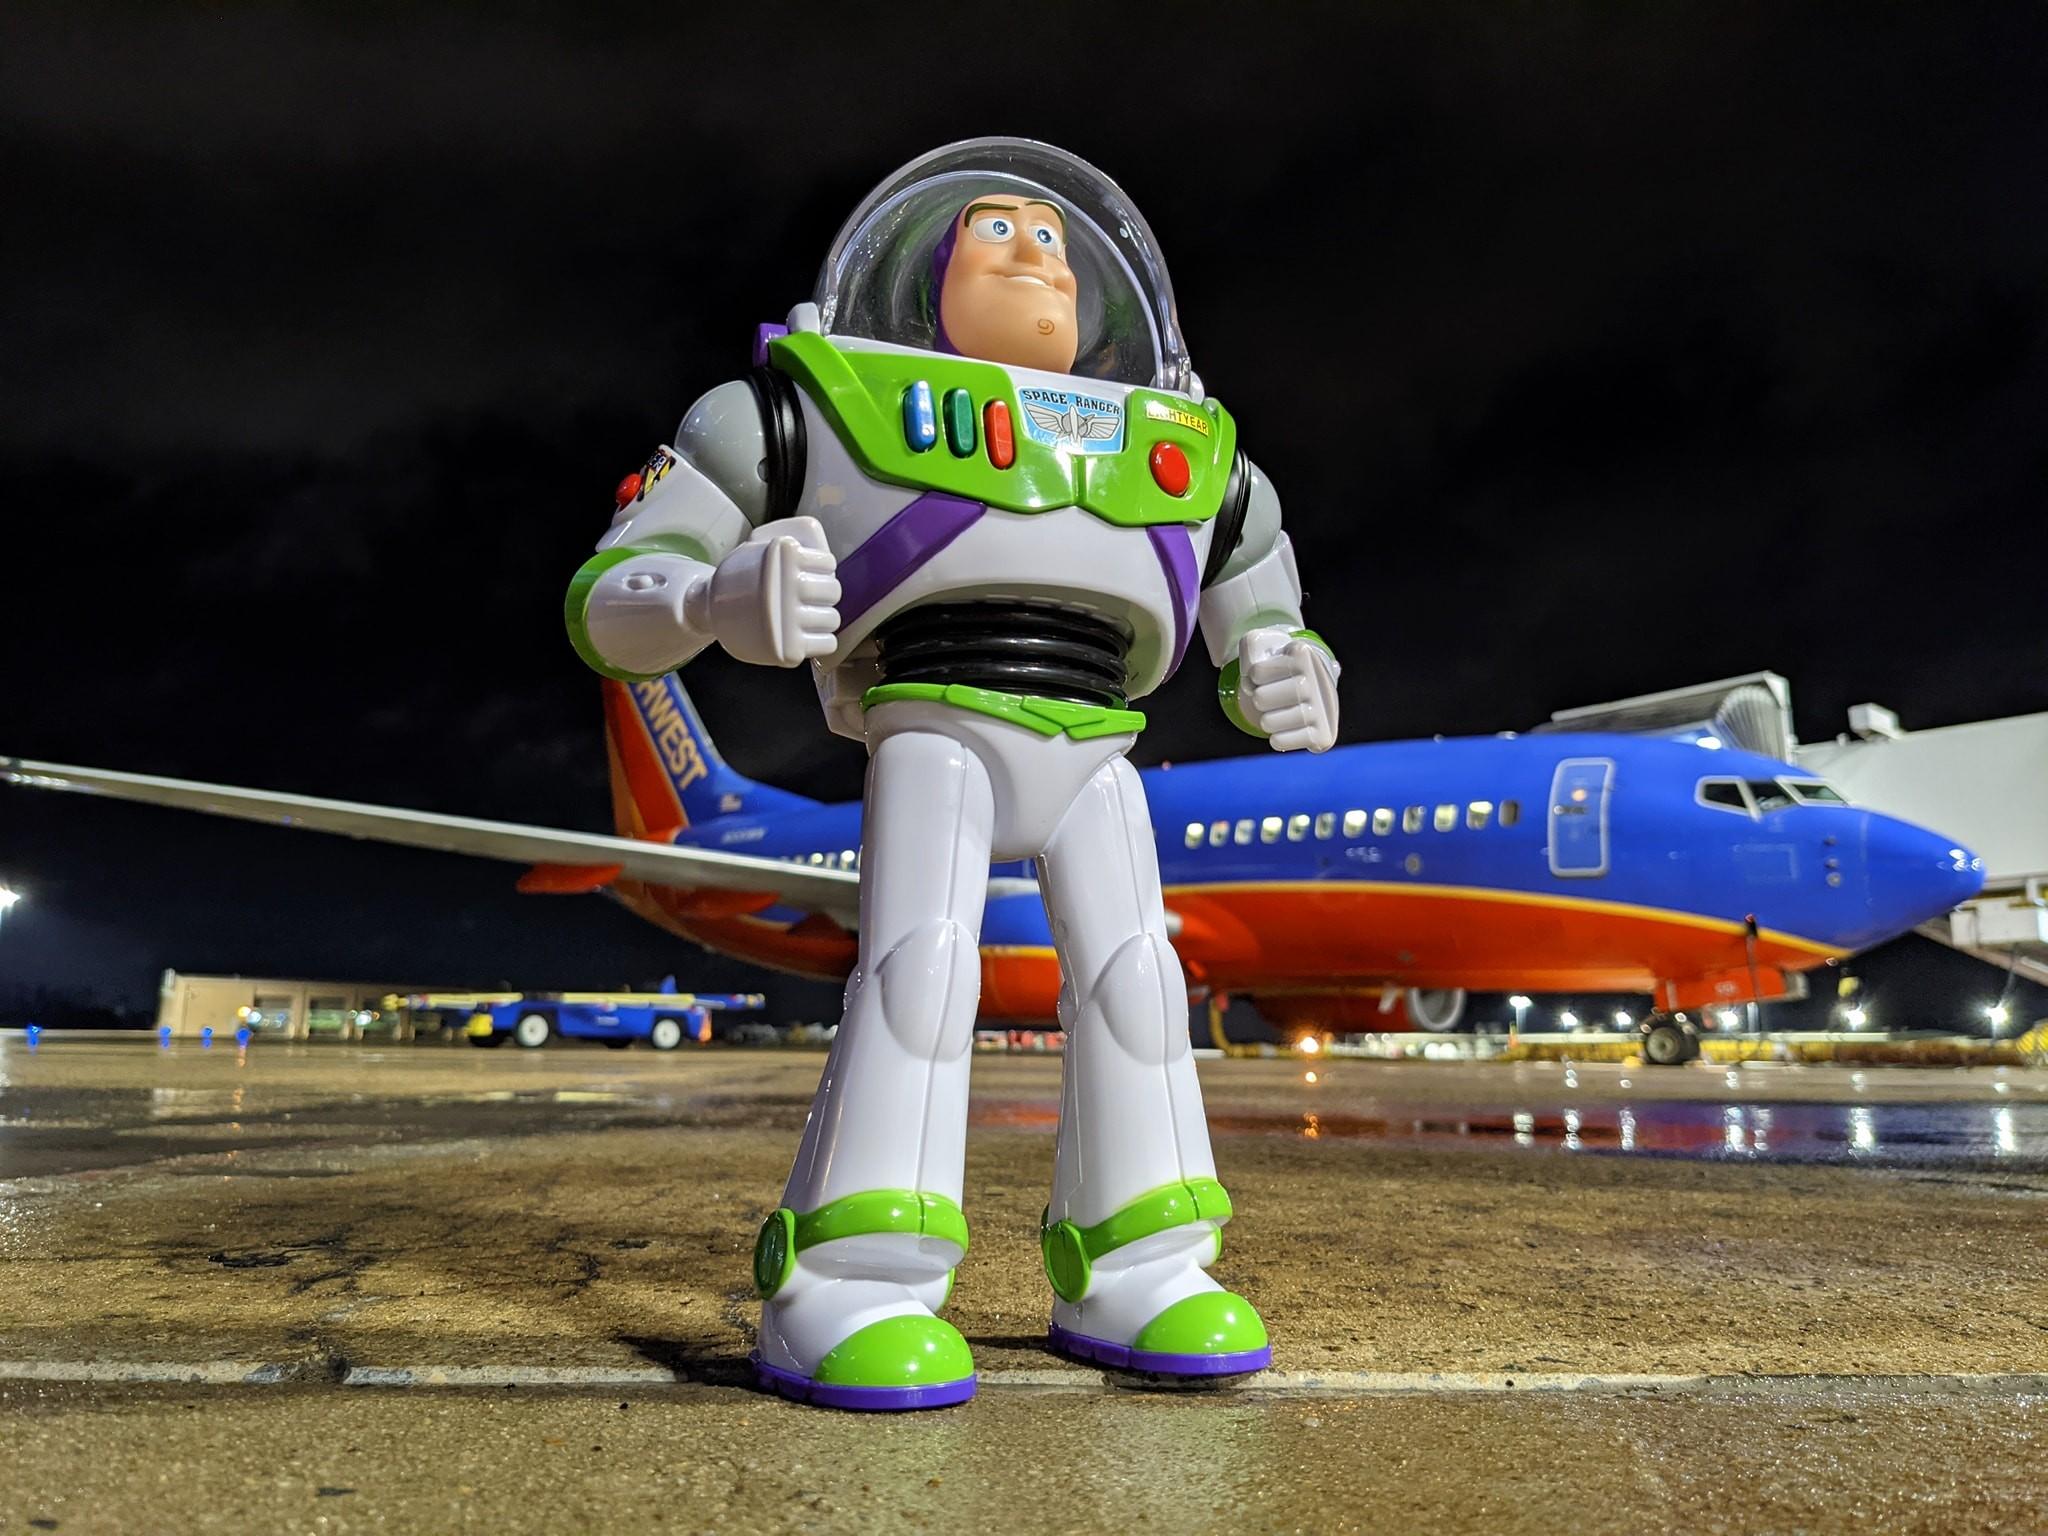 ▲▼美國西南航空為2歲的哈根找回忘在飛機上的巴斯光年。(圖/翻攝自西南航空臉書)